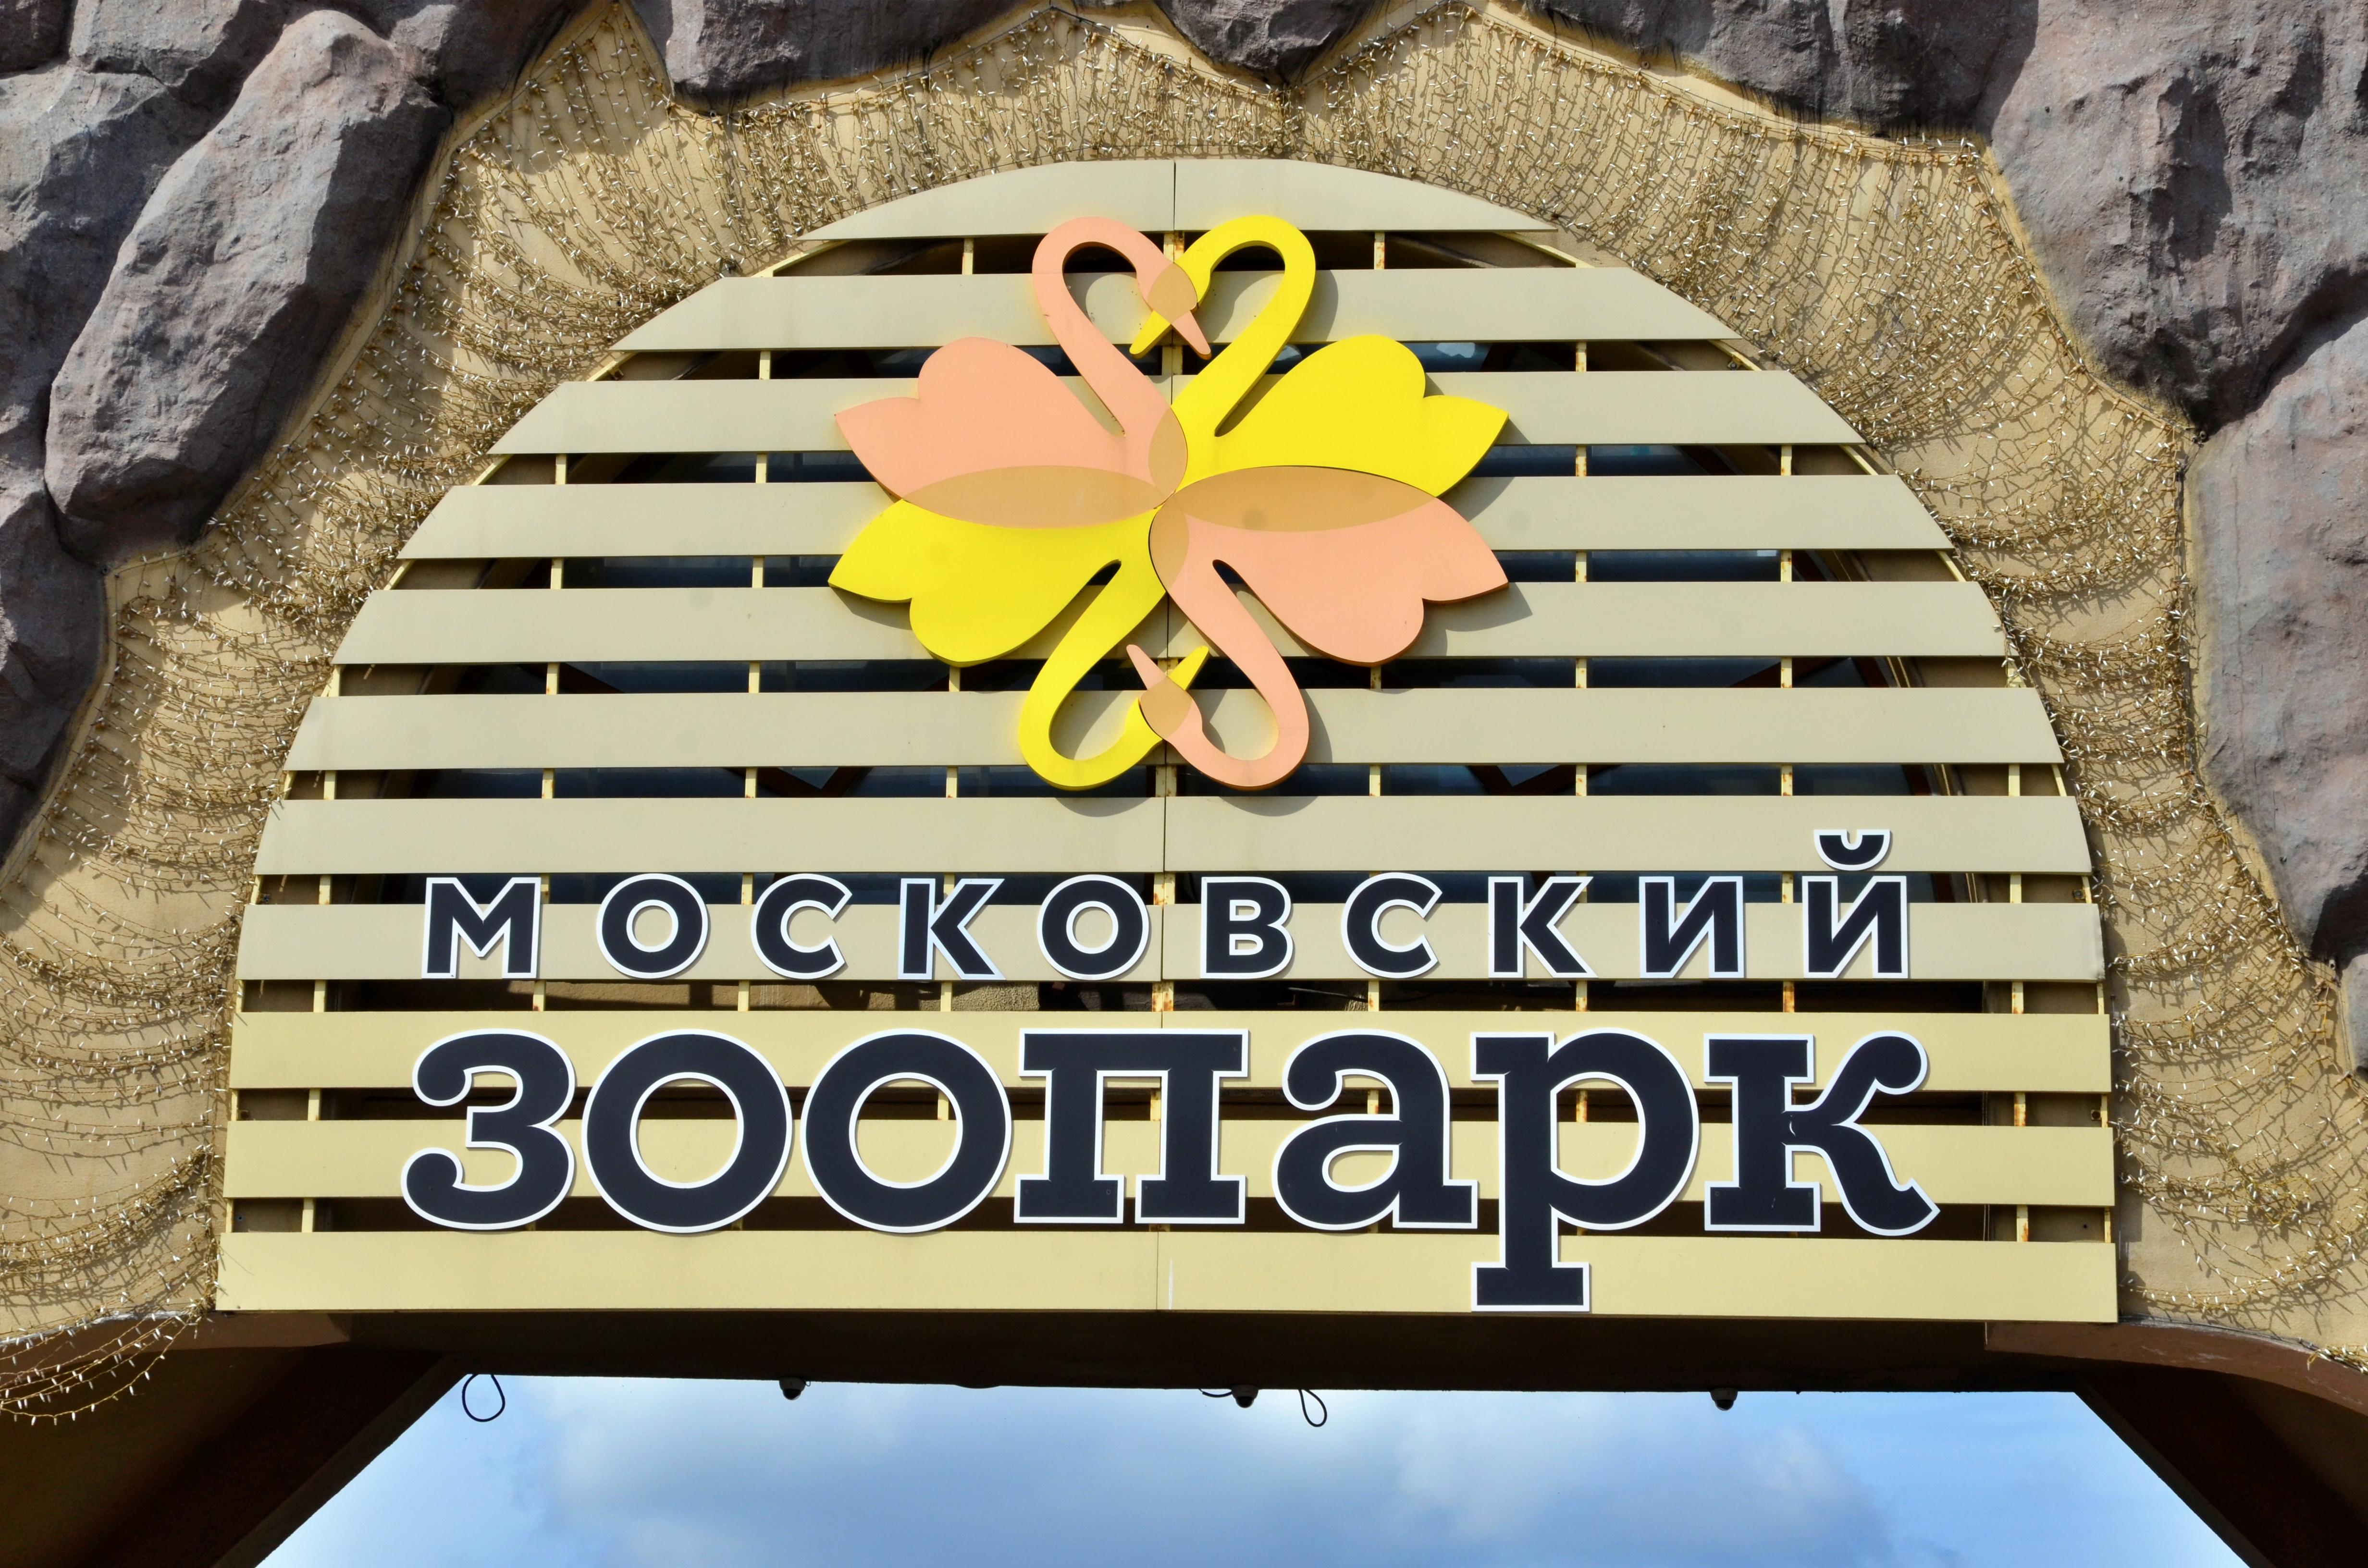 В Московском зоопарке рассказали, как поздравили животных с Новым годом. Фото: Анна Быкова